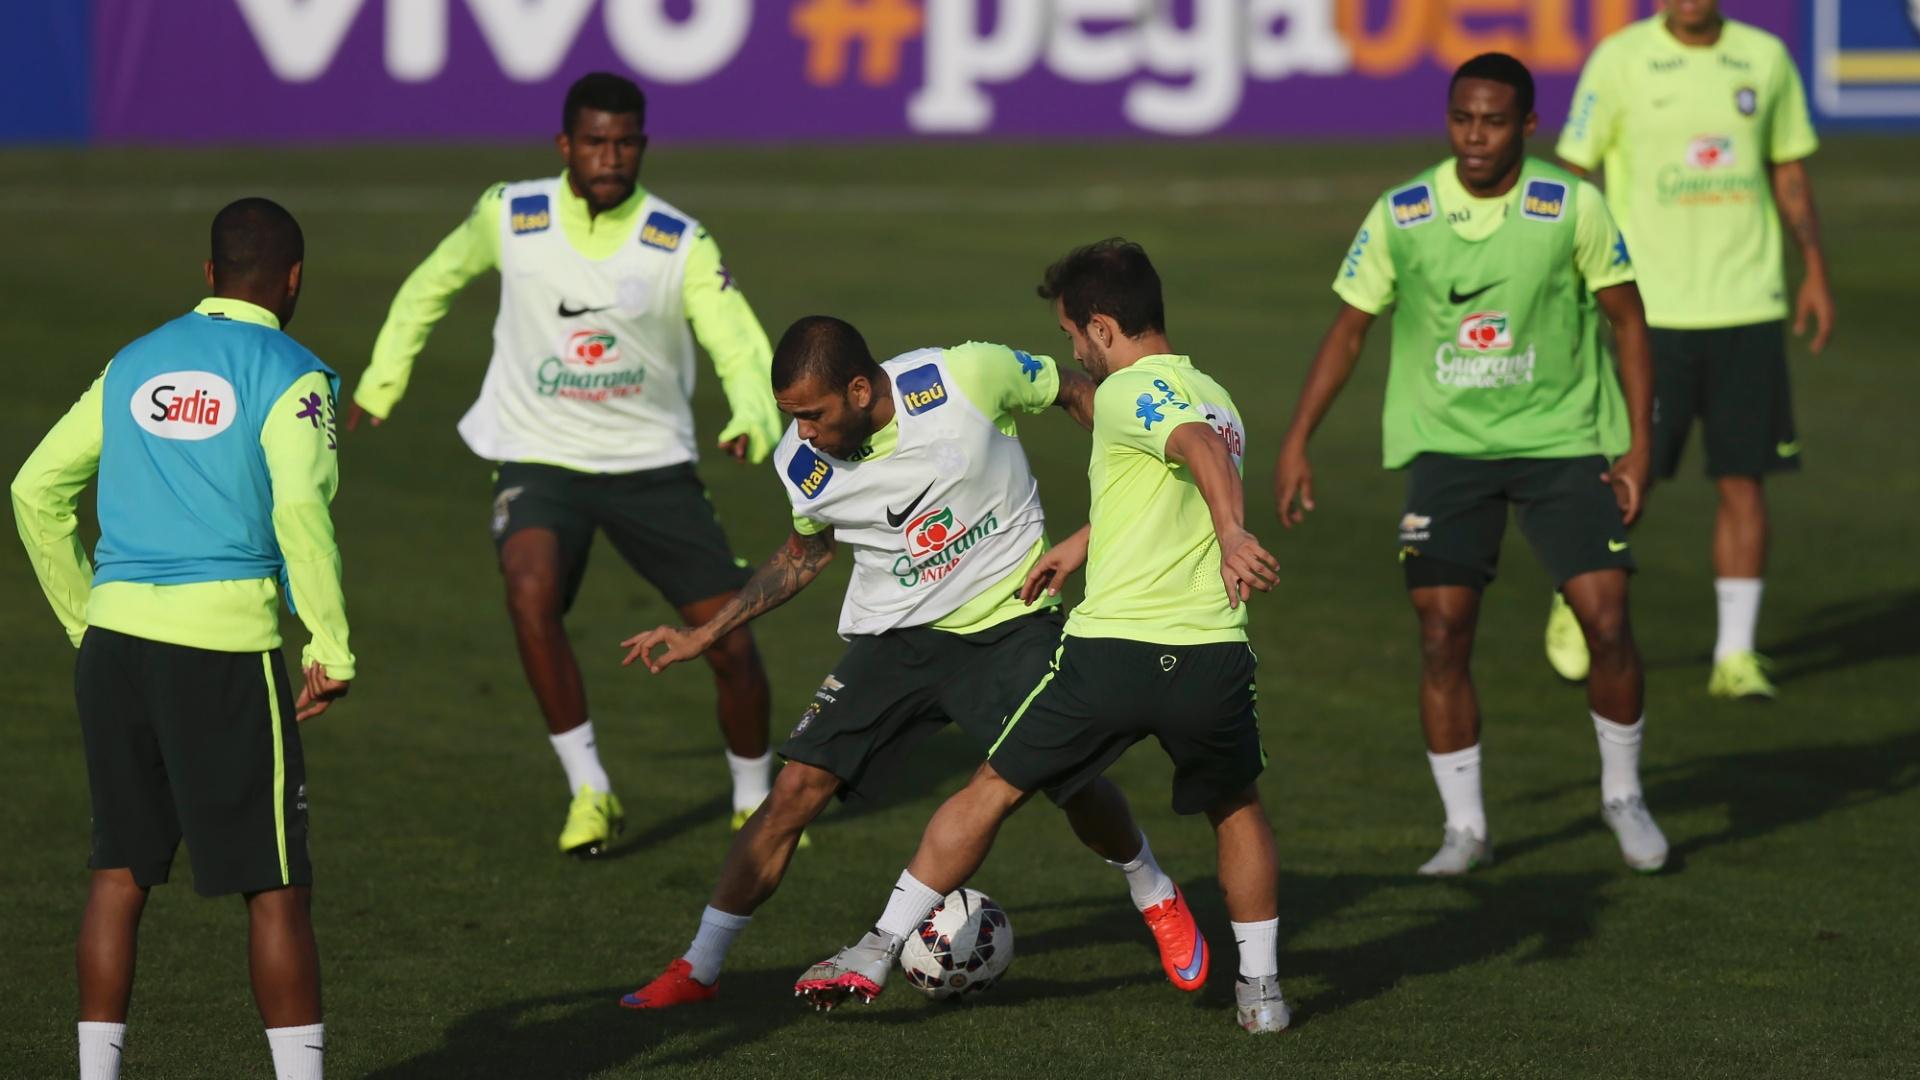 Daniel Alves e Everton Ribeiro, da seleção brasileira, disputam bola em treino na Copa América, no Chile